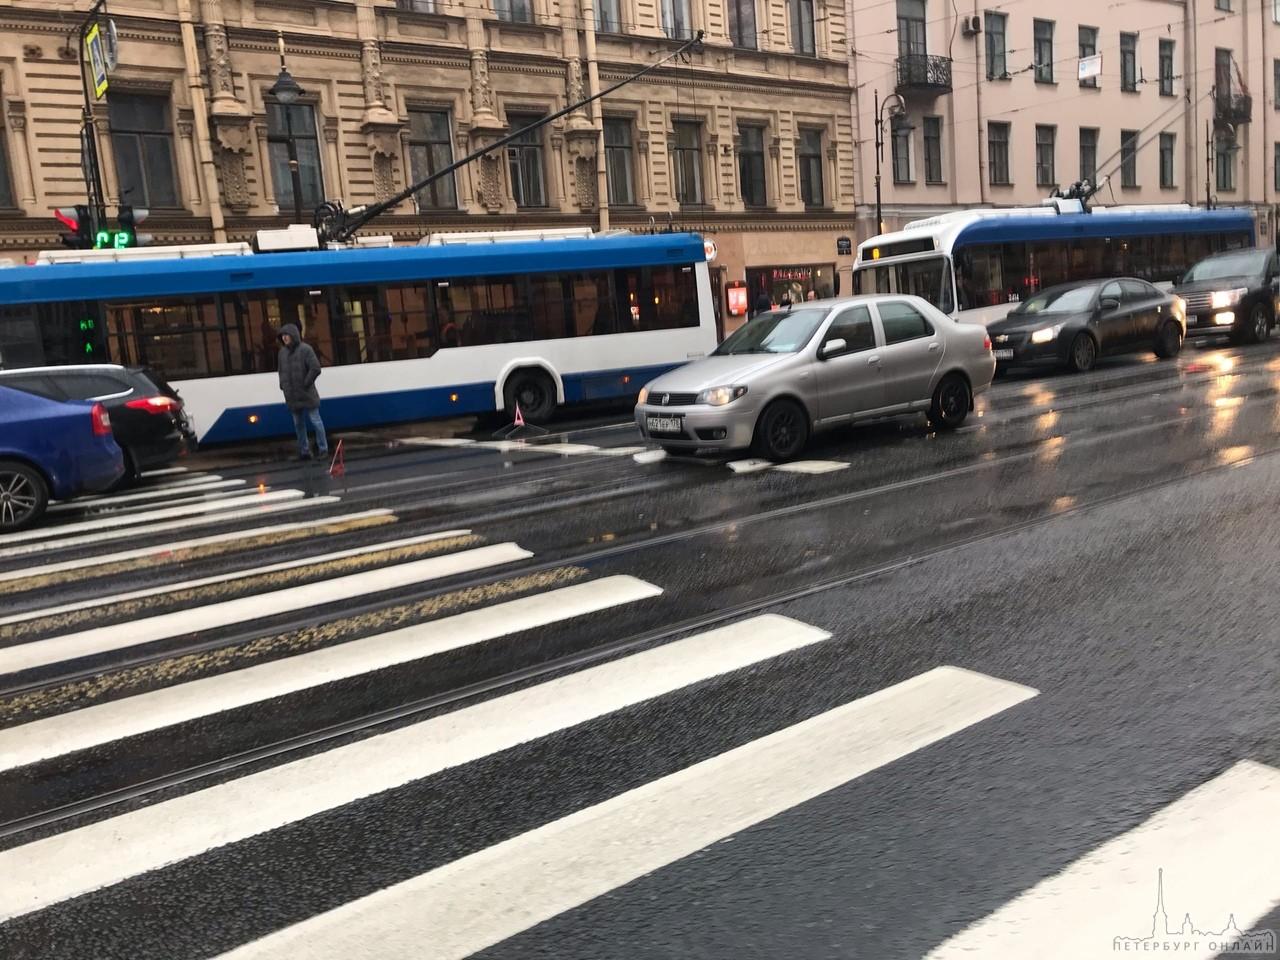 ДТП из 3 автомобилей и троллейбуса на Литейной, перед улицей Чайковского, В сторону Литейного моста...